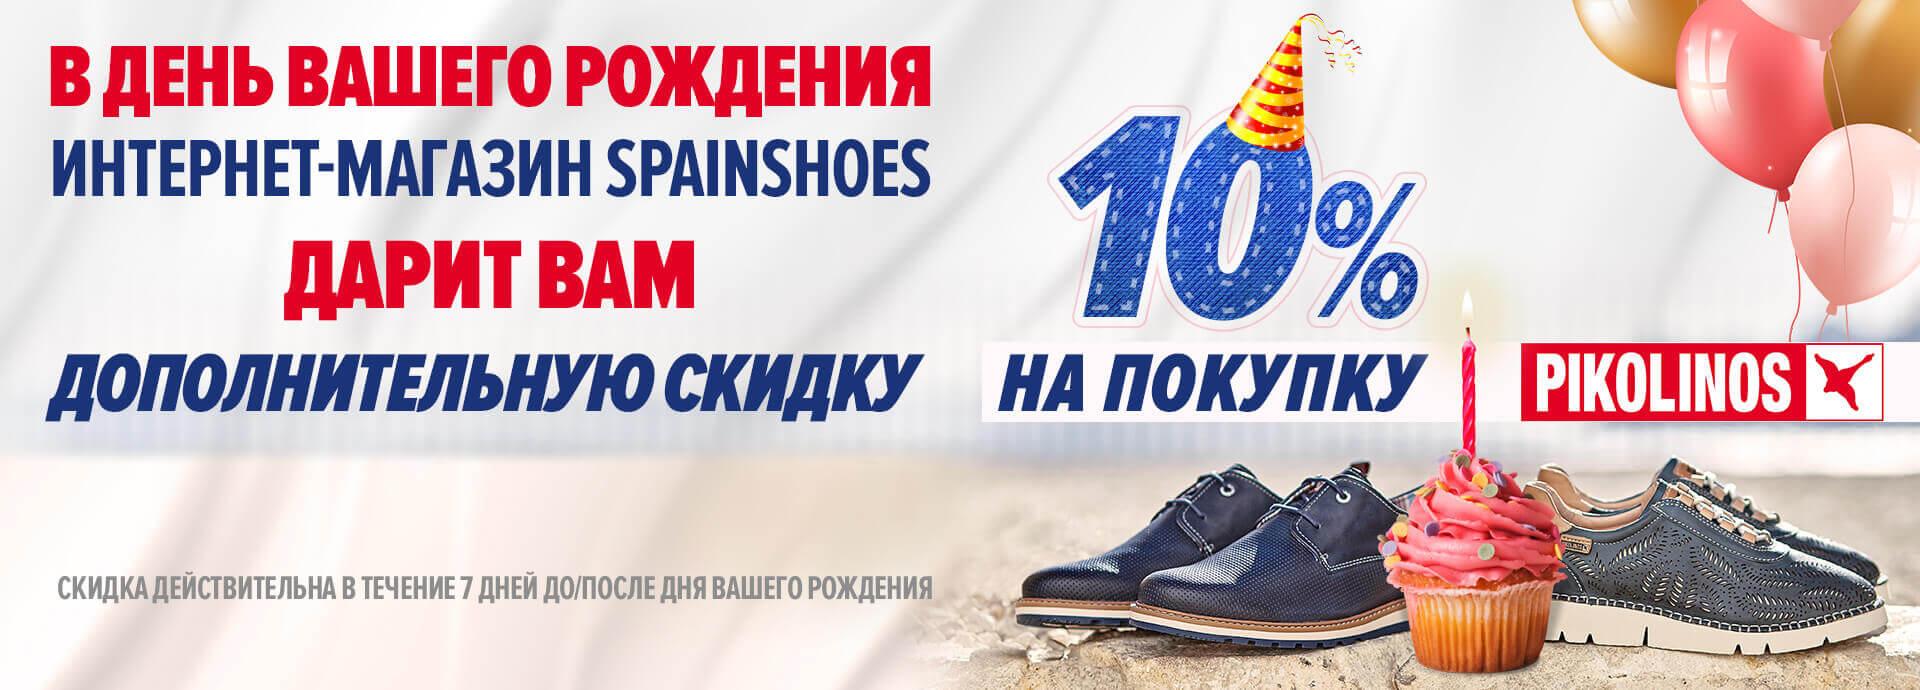 Фирменная обувь в интернет-магазине испанской обуви SpainShoes по выгодной стоимости.